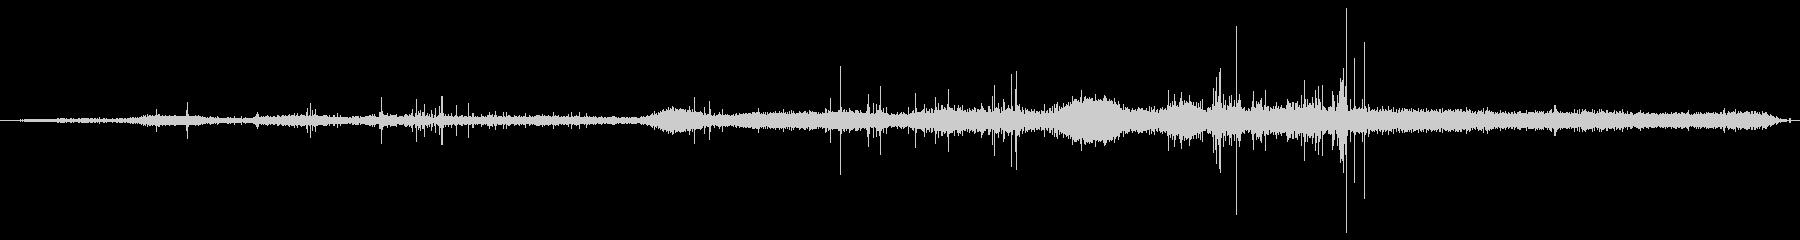 クライスラーパッセンジャーバン:E...の未再生の波形